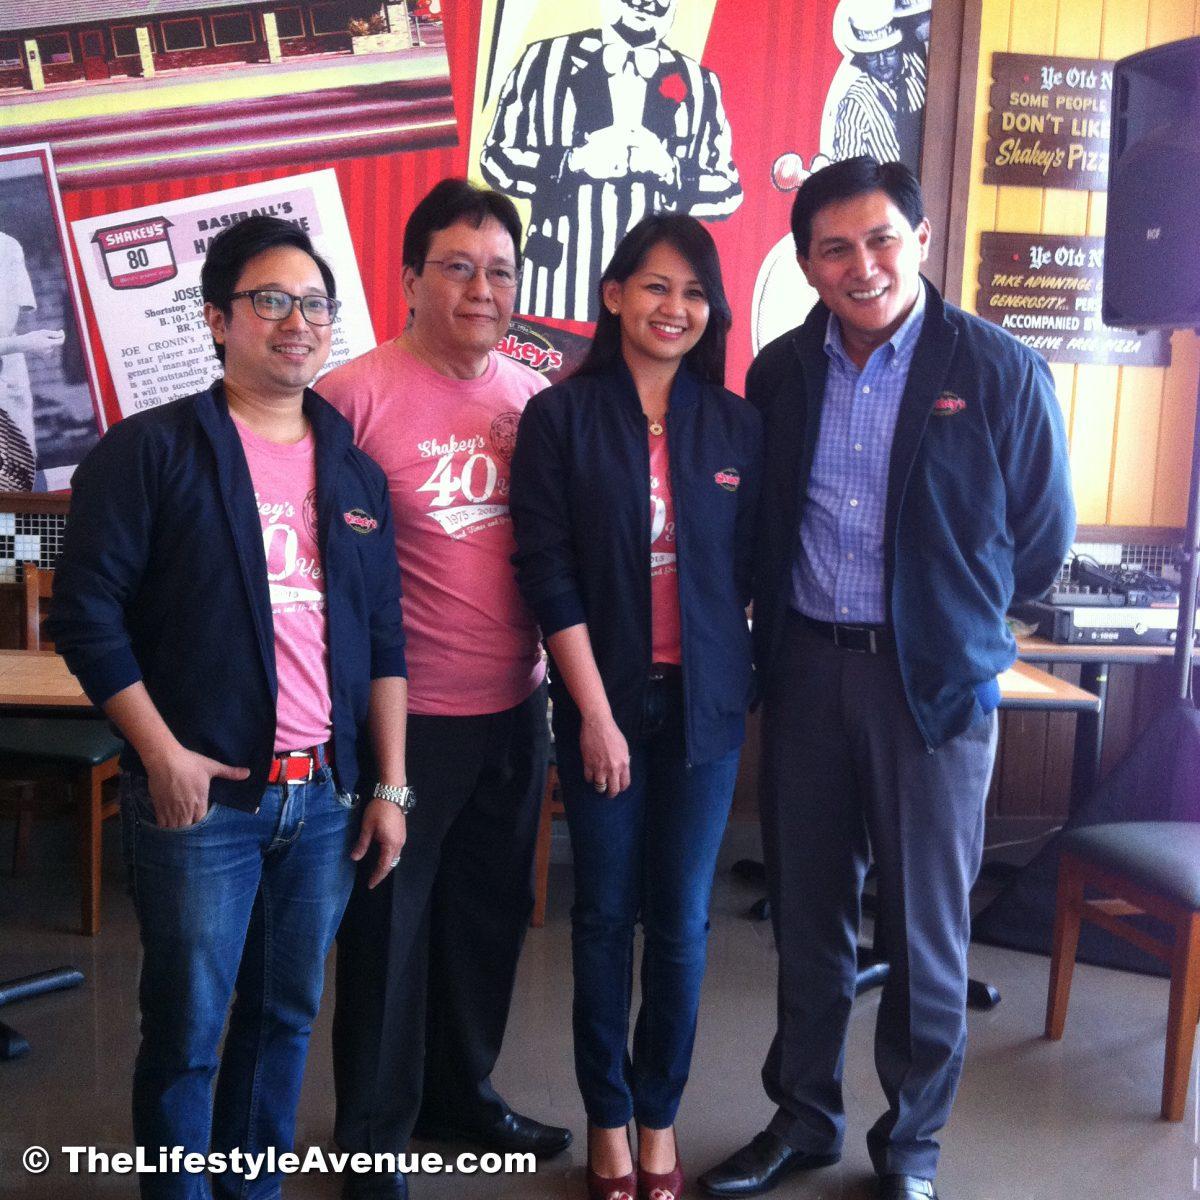 Shakey's Philippines turns 40